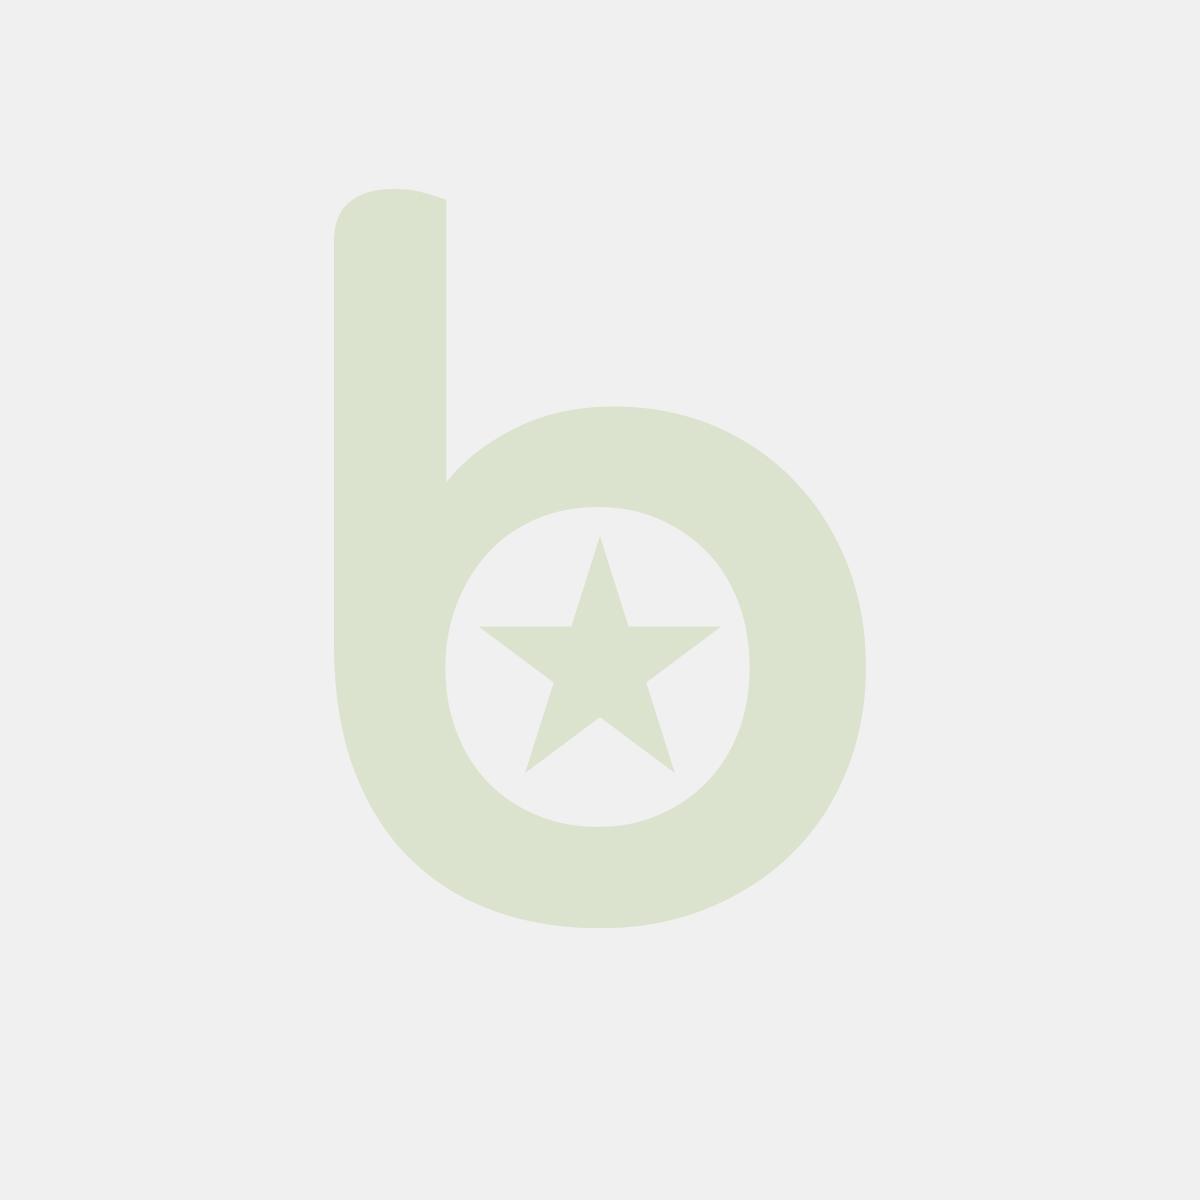 FINGERFOOD - pojemnik na przekąski WANNA krystaliczna 90ml PS 12,1x5,4x4,7cm op. 10 sztuk